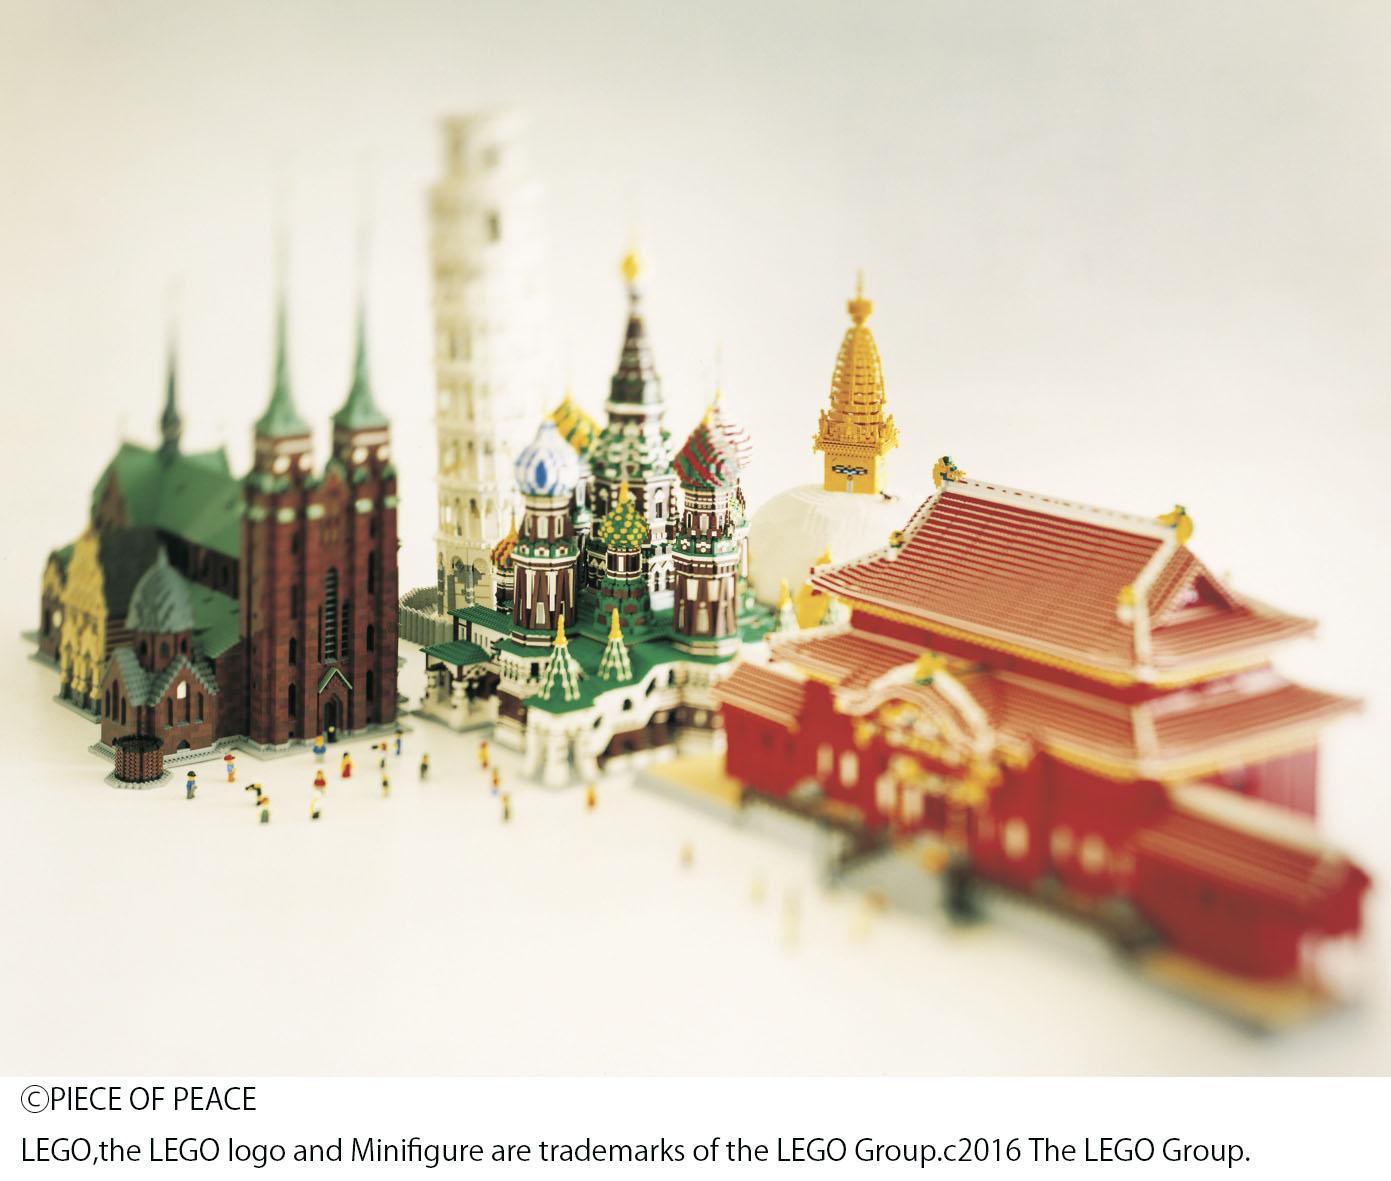 レゴⓇブロックで作られた作品を展示。今回は金剛峯寺の限定モデルも登場